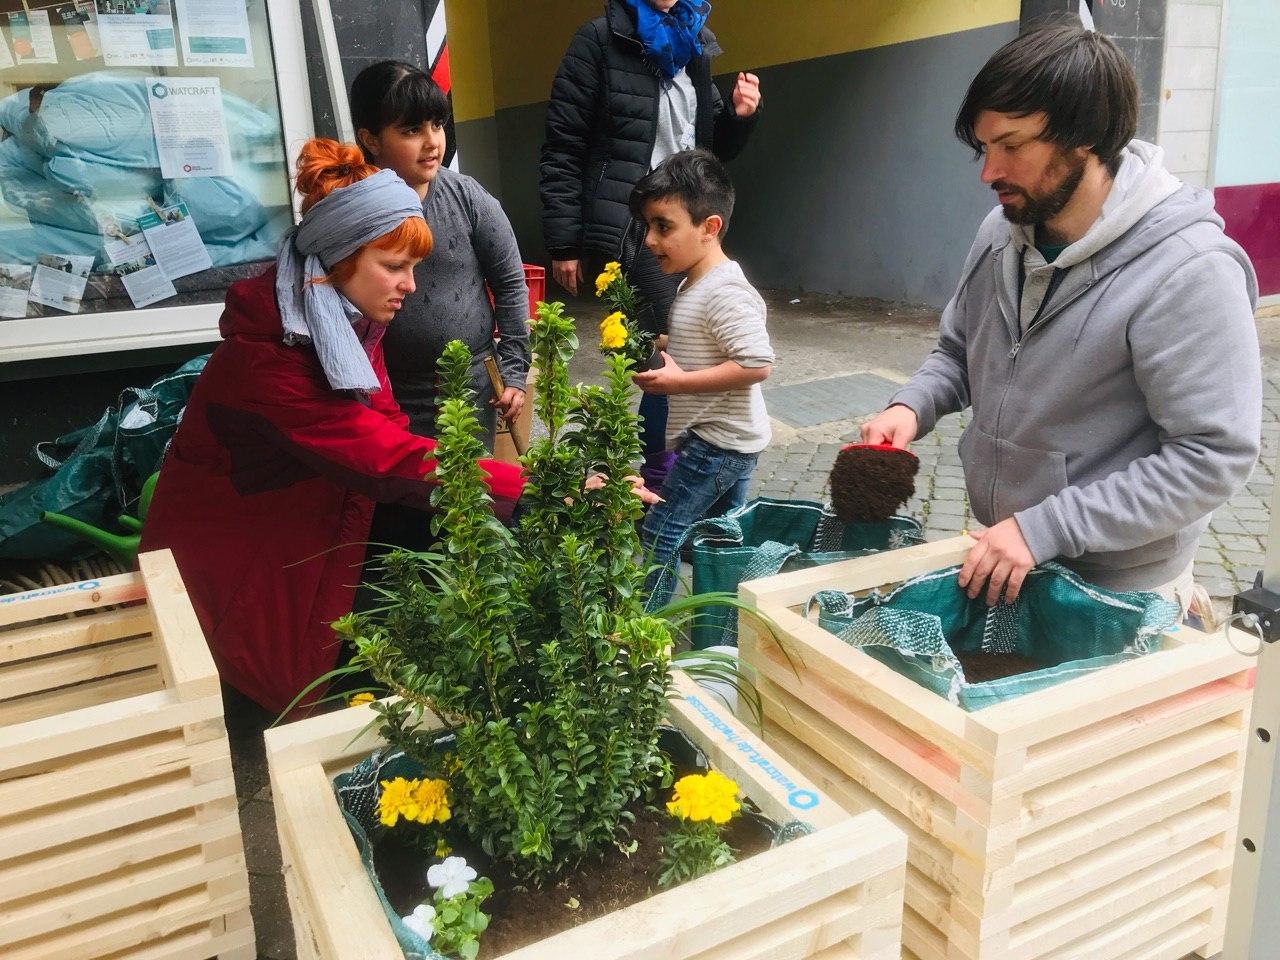 Fortbildung | Wir schützen, was wir lieben. Praxistag rund um den Kita-Garten